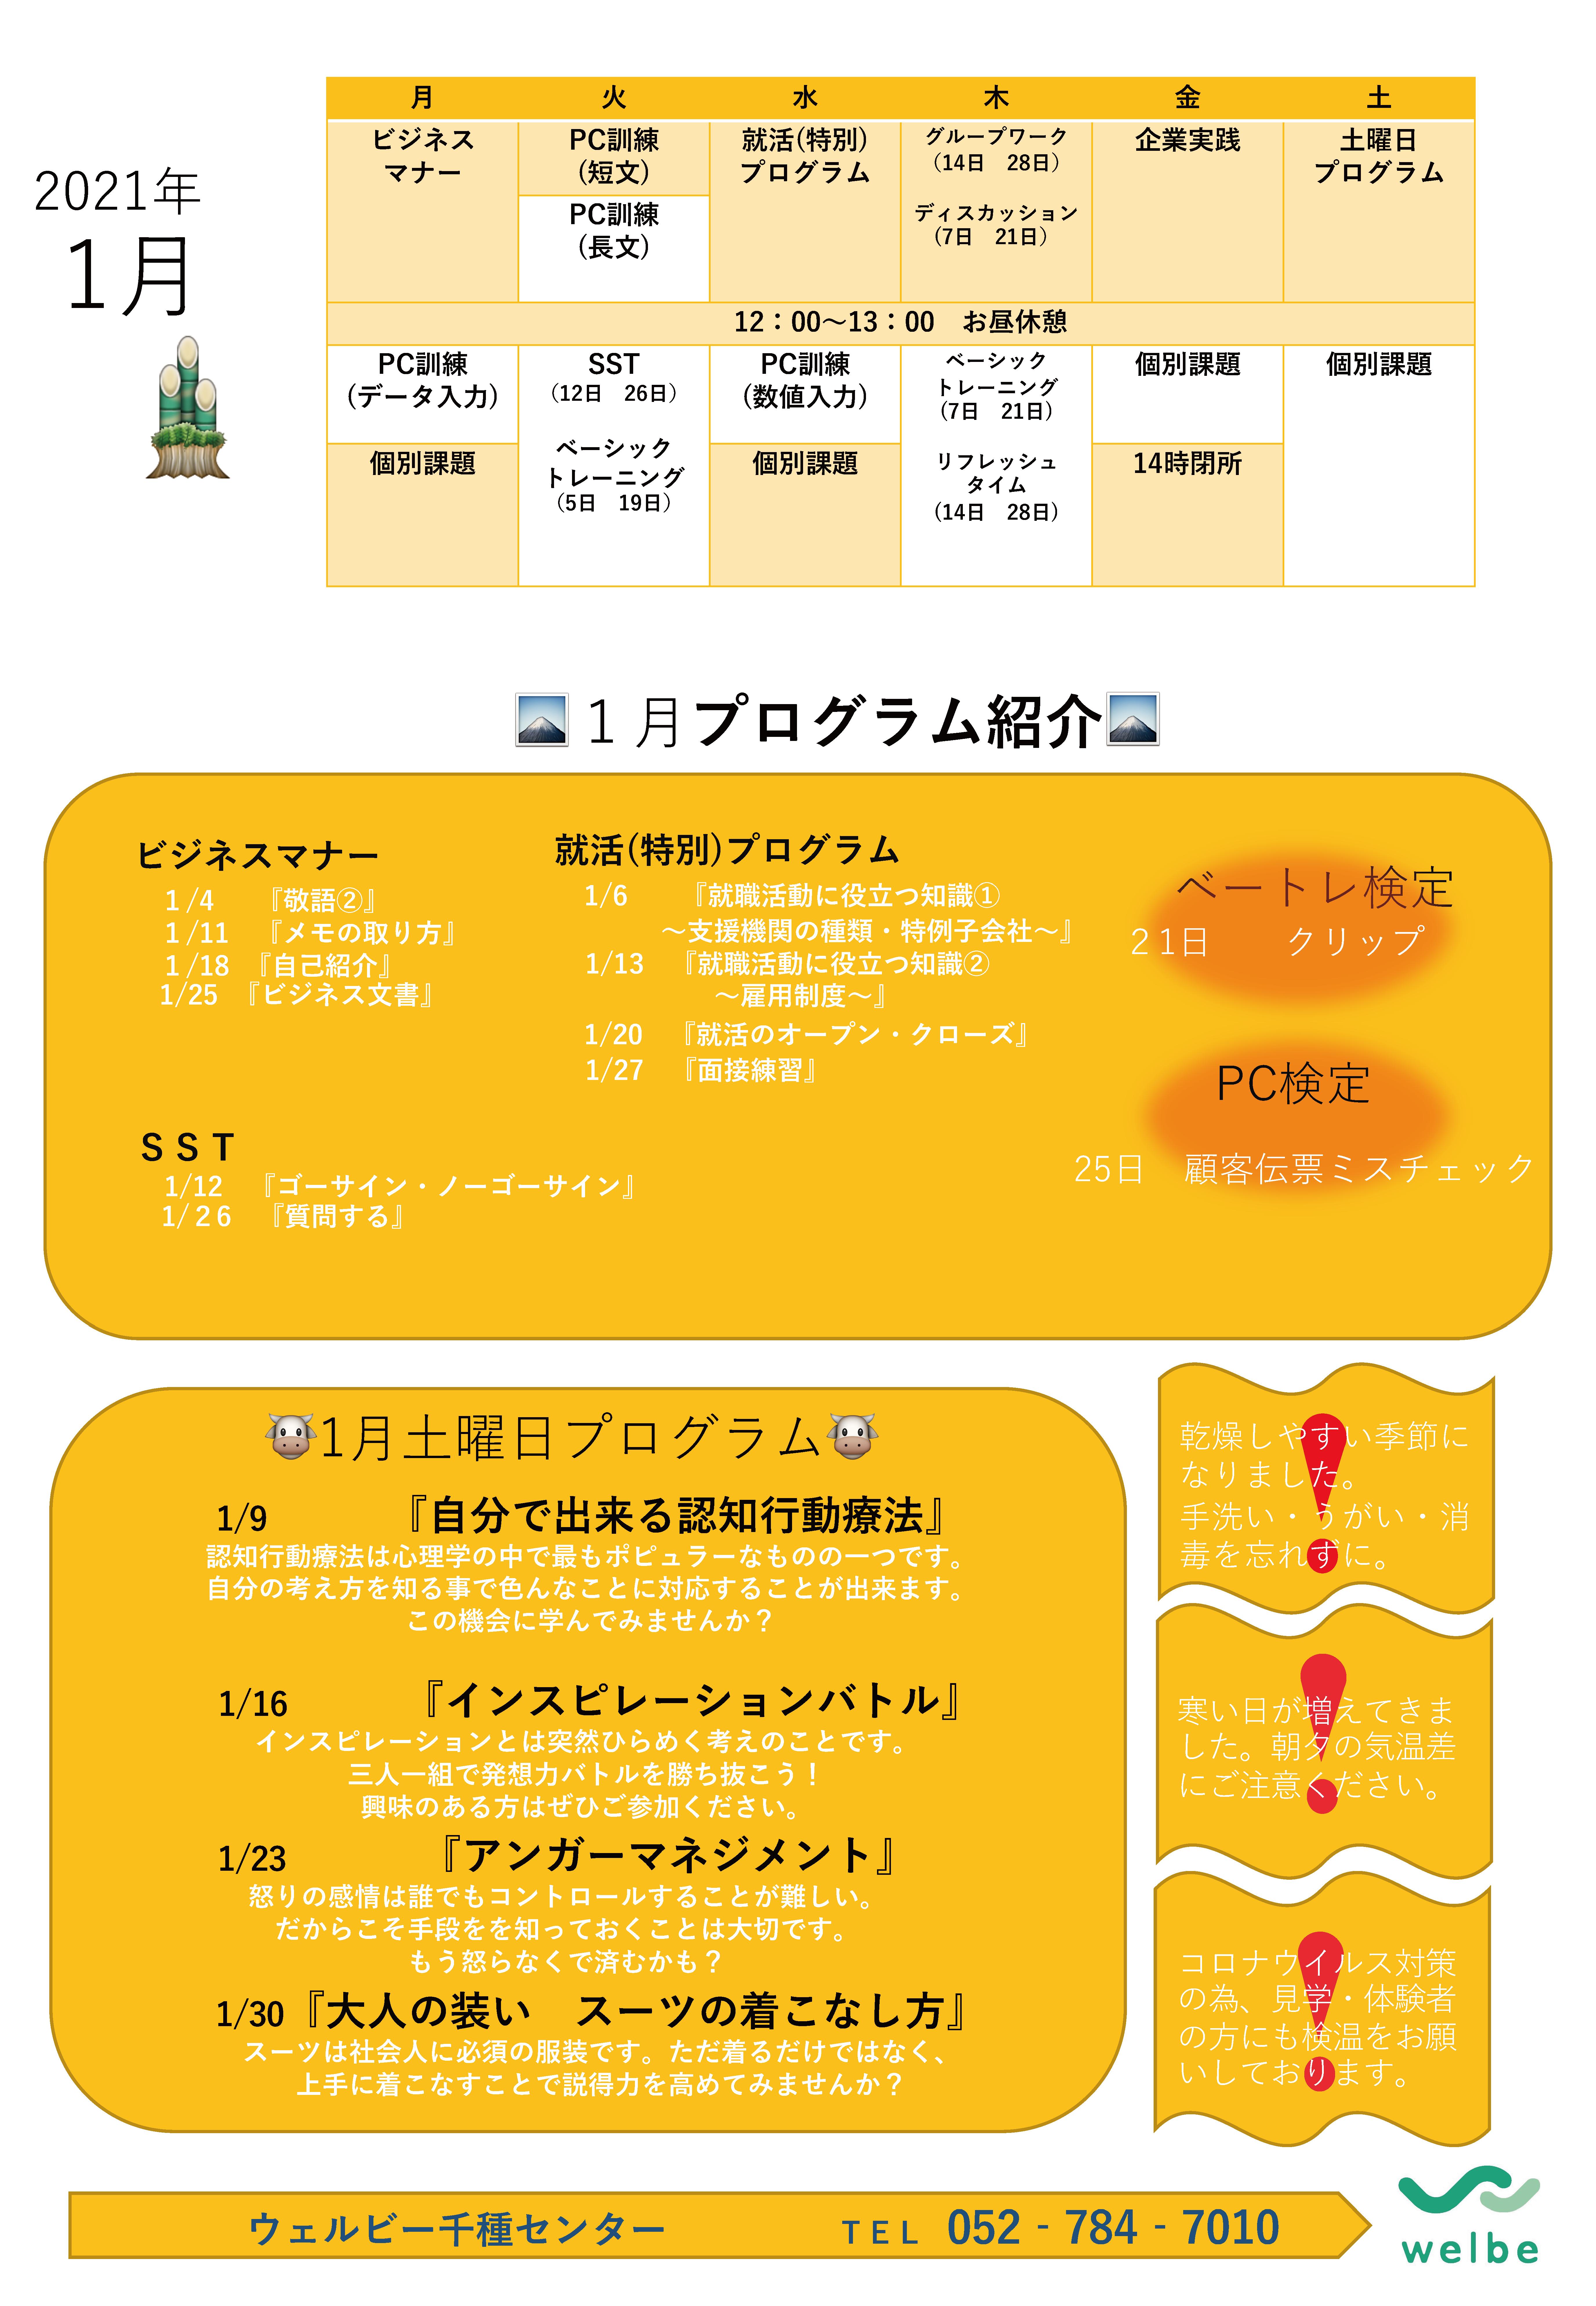 2021_1月プログラム【ブログ掲載用】0115